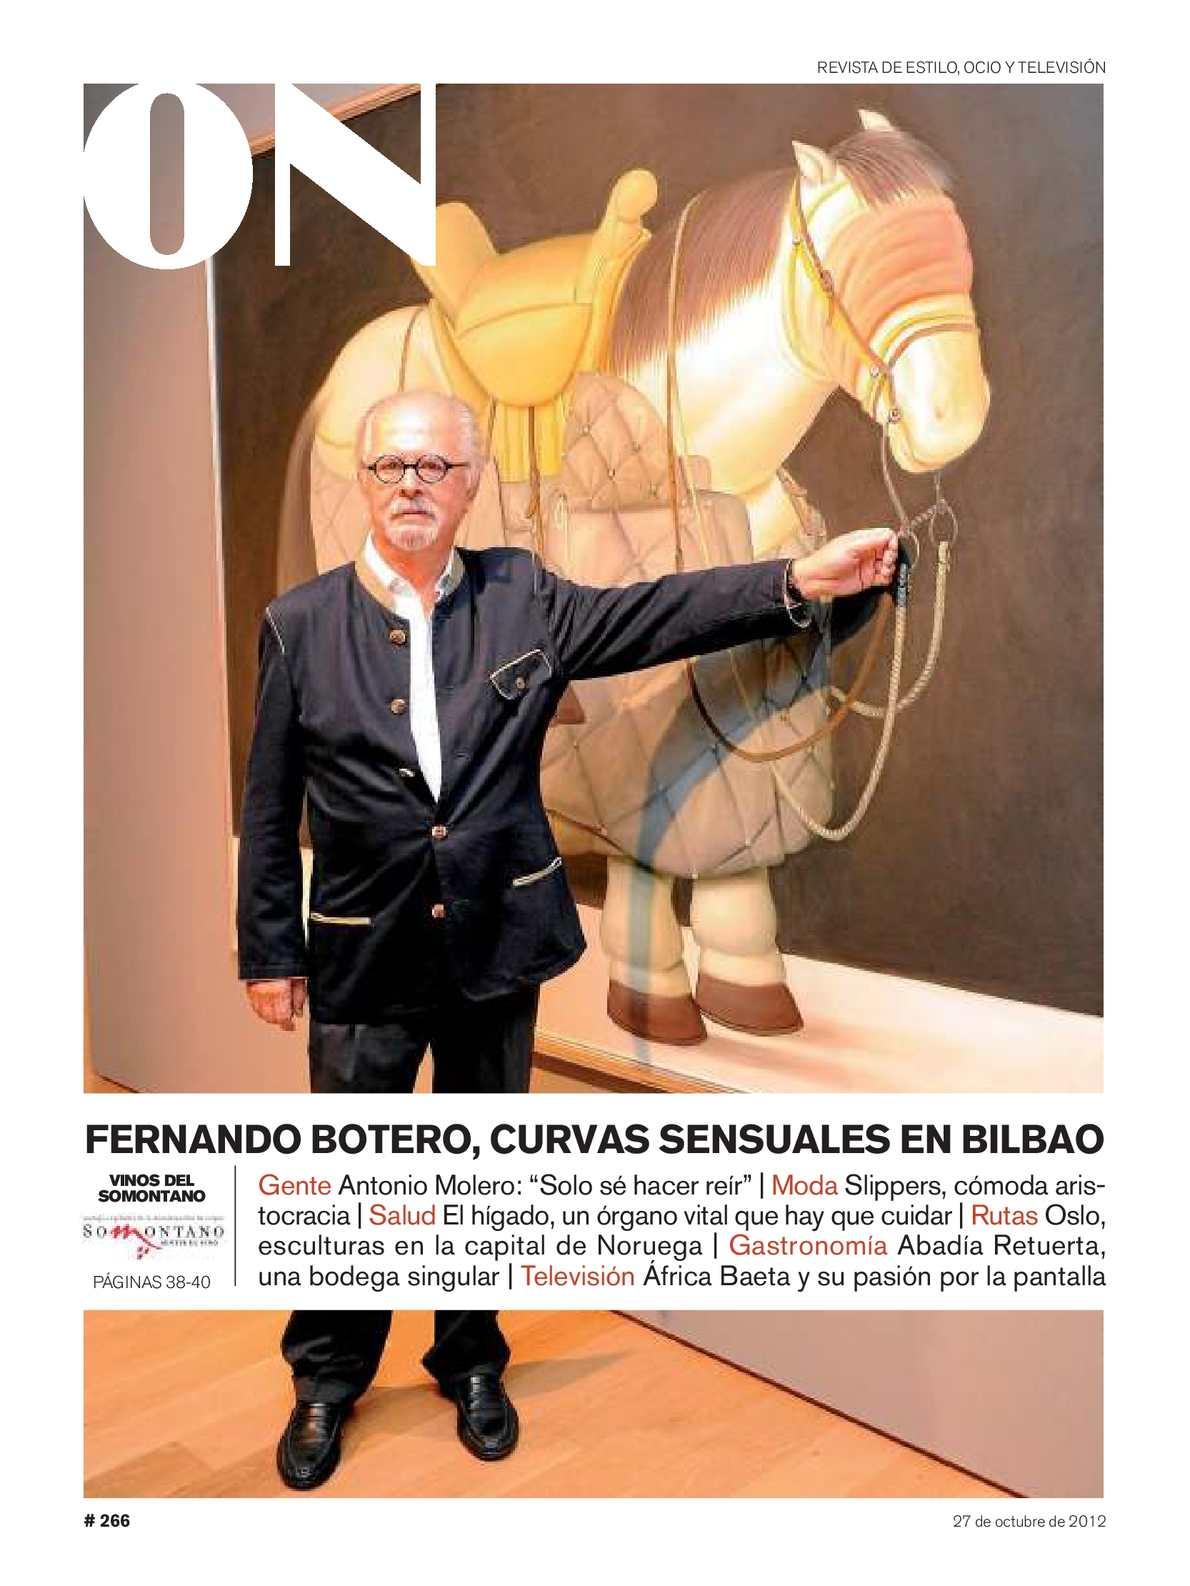 Callejeros Poligoneros Porn calaméo - on revista de ocio y estilo 20121027